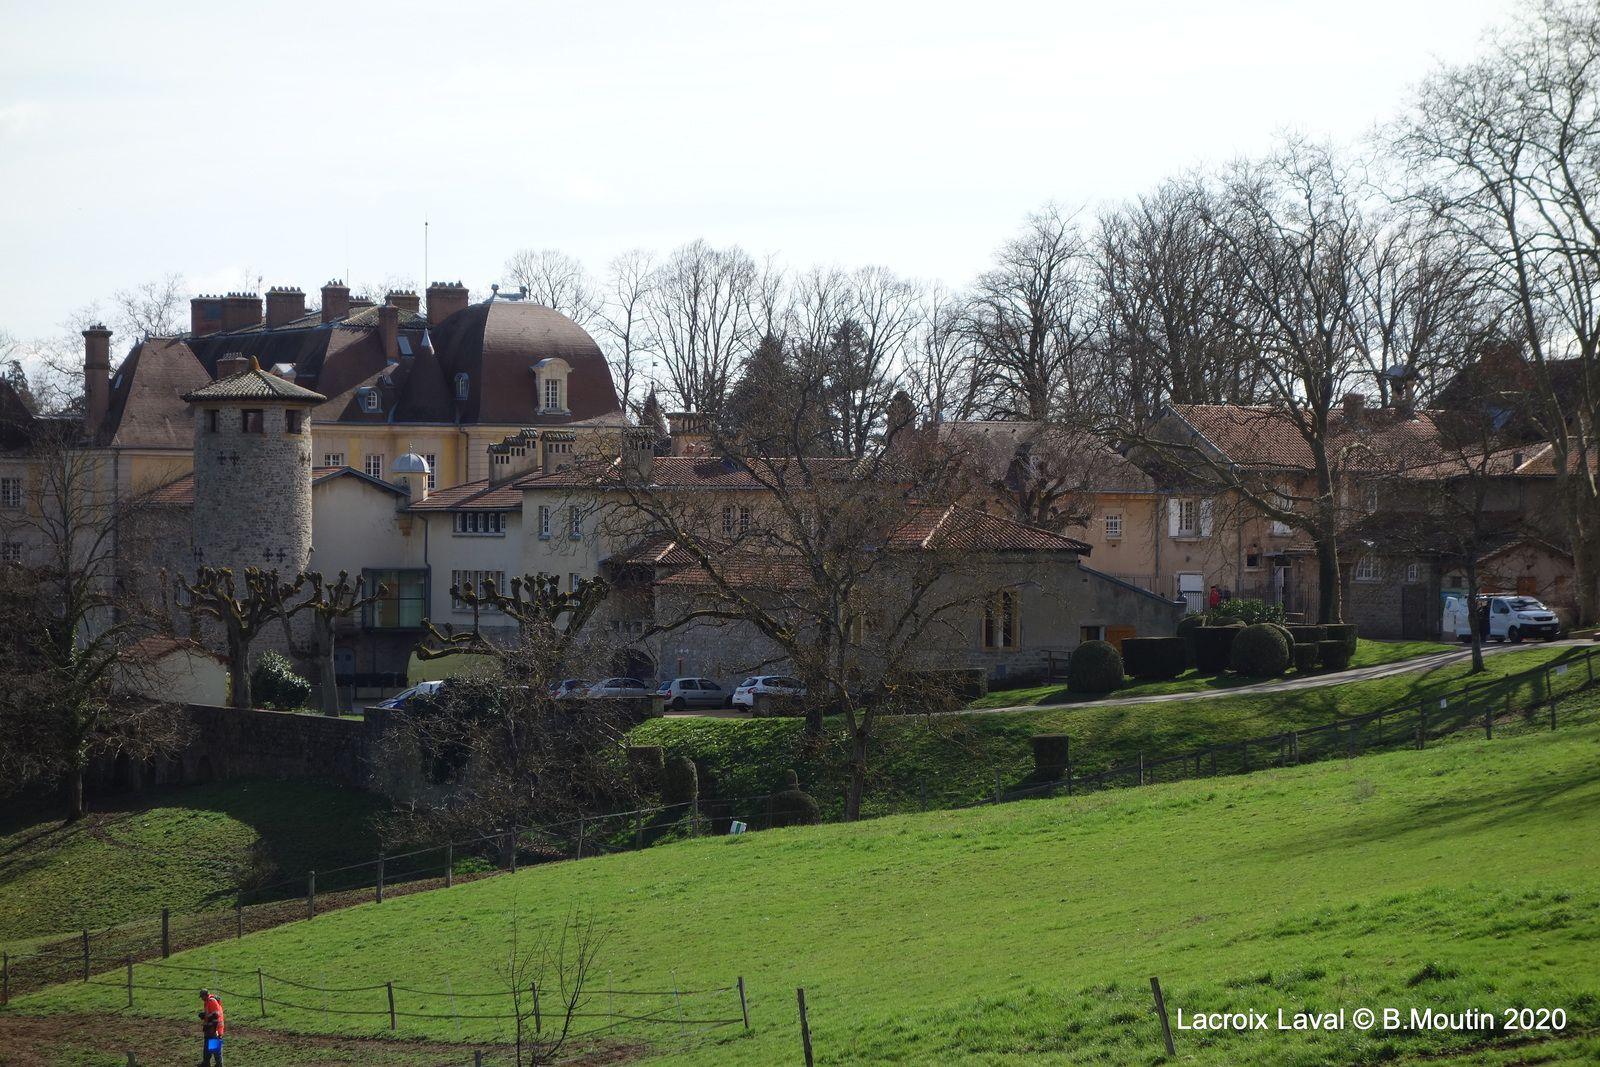 Le château de Lacroix Laval